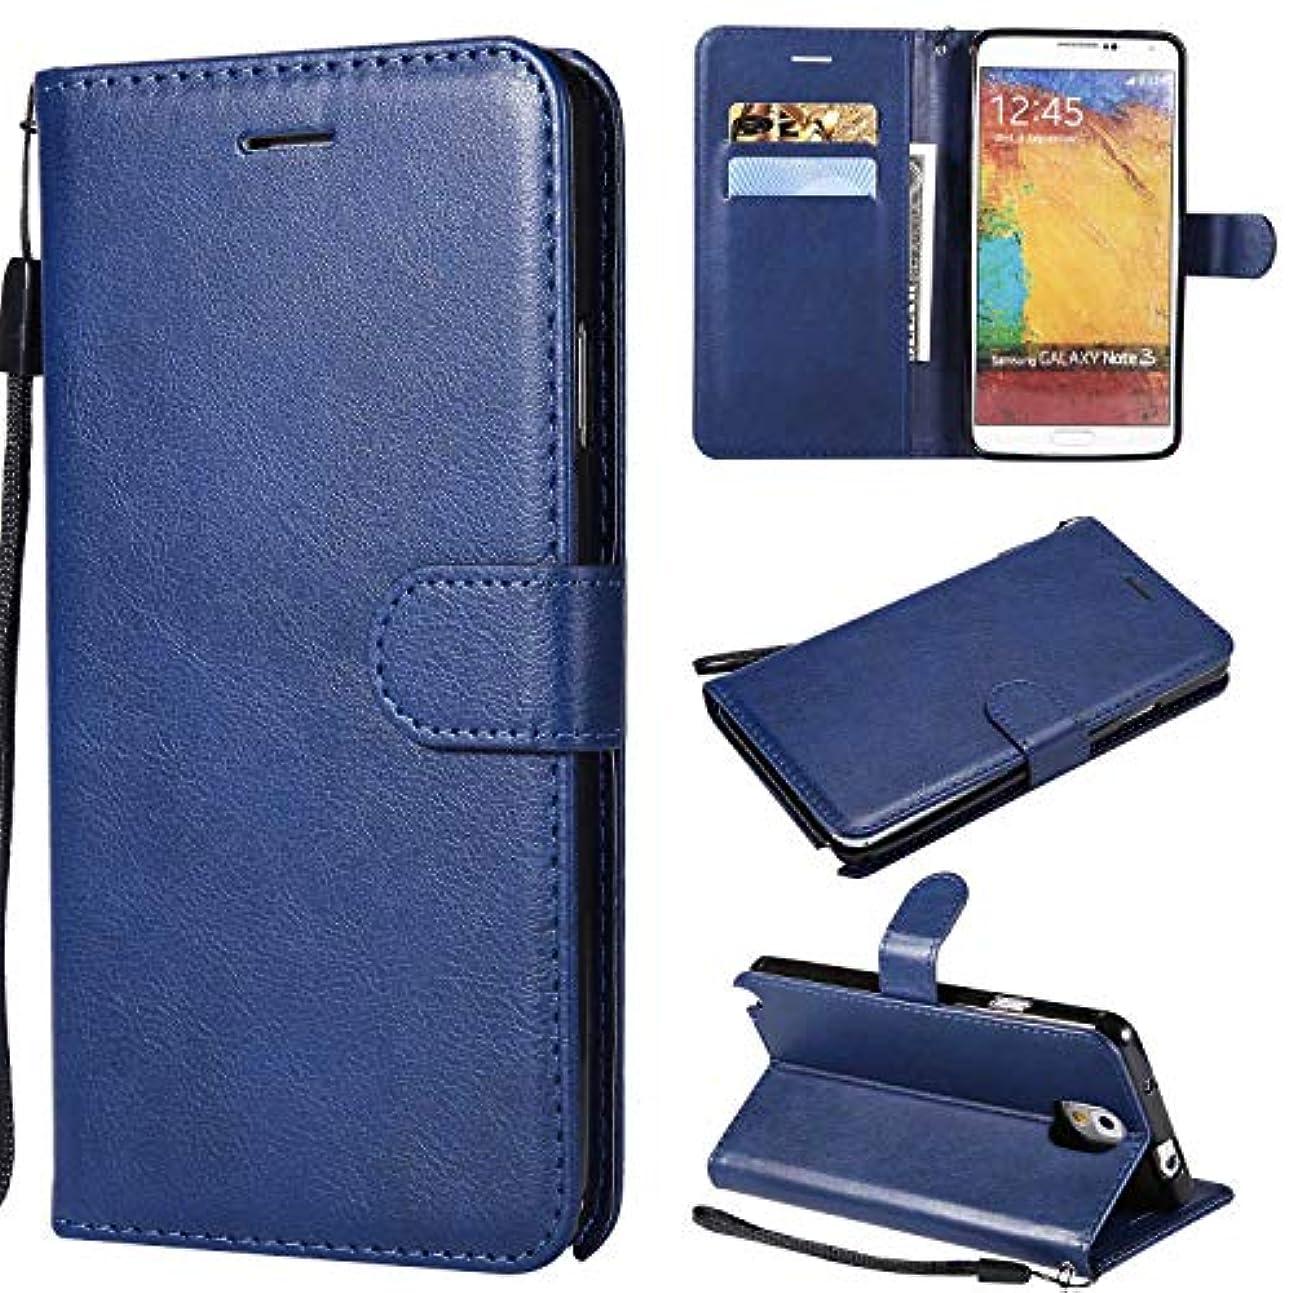 参照する暗い積極的にGalaxy Note 3 ケース手帳型 OMATENTI レザー 革 薄型 手帳型カバー カード入れ スタンド機能 サムスン Galaxy Note 3 おしゃれ 手帳ケース (6-ブルー)